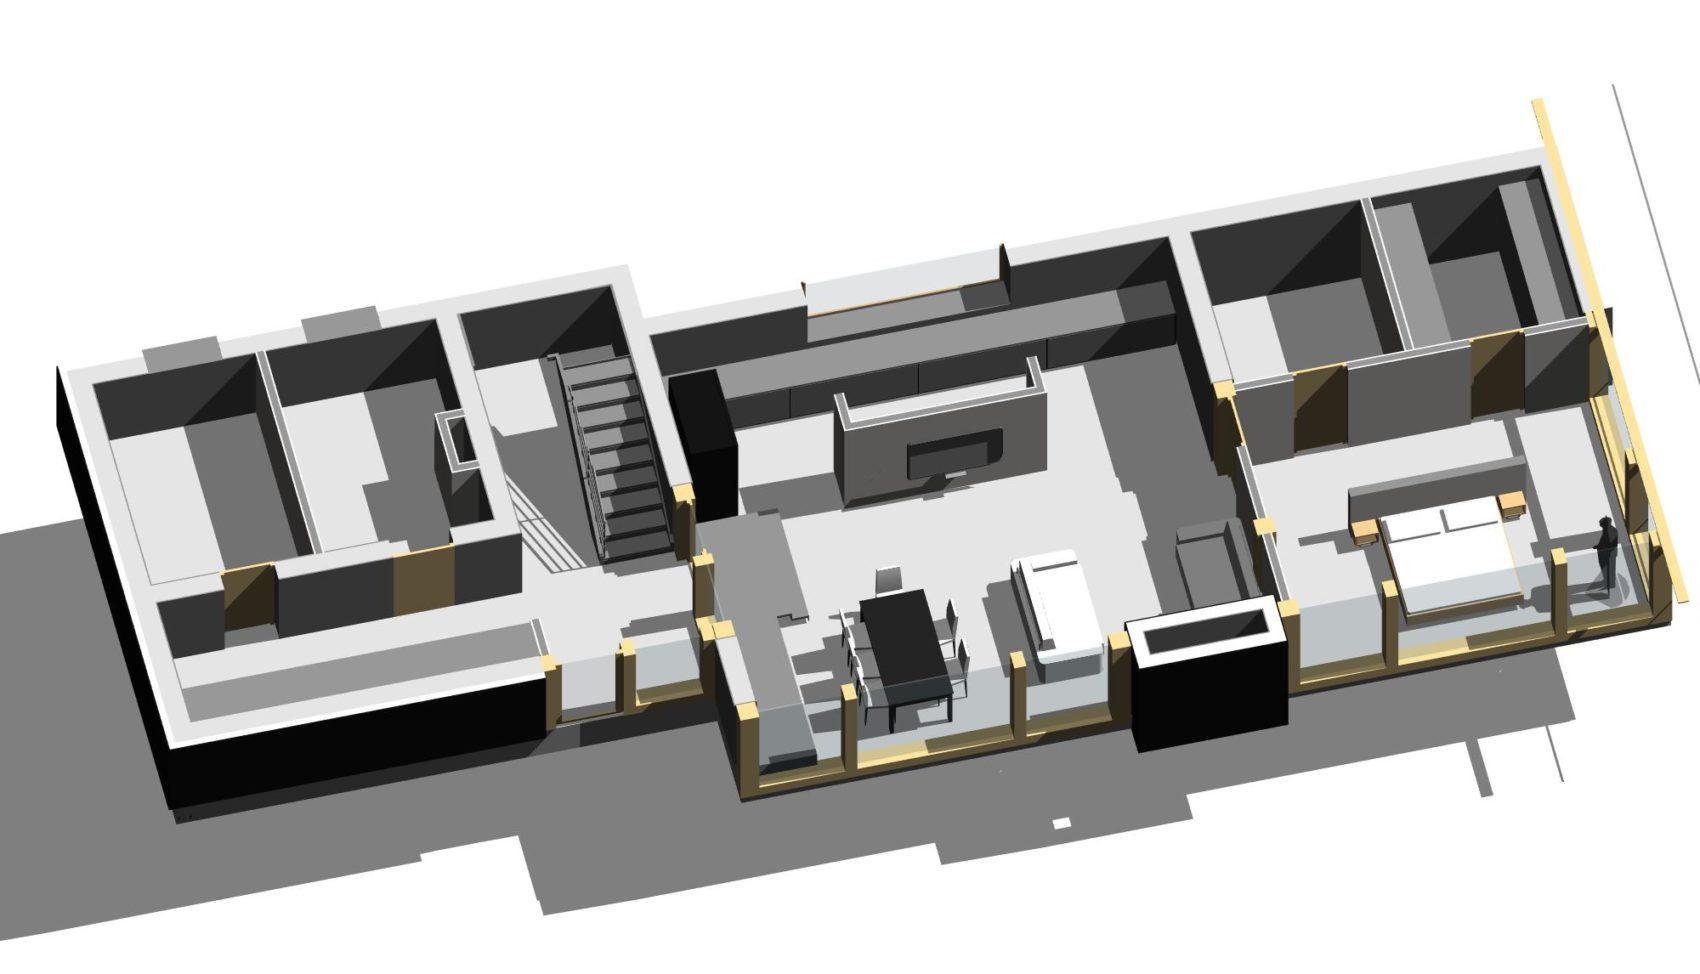 эскиз проекта 1 этажа фахверкового дома